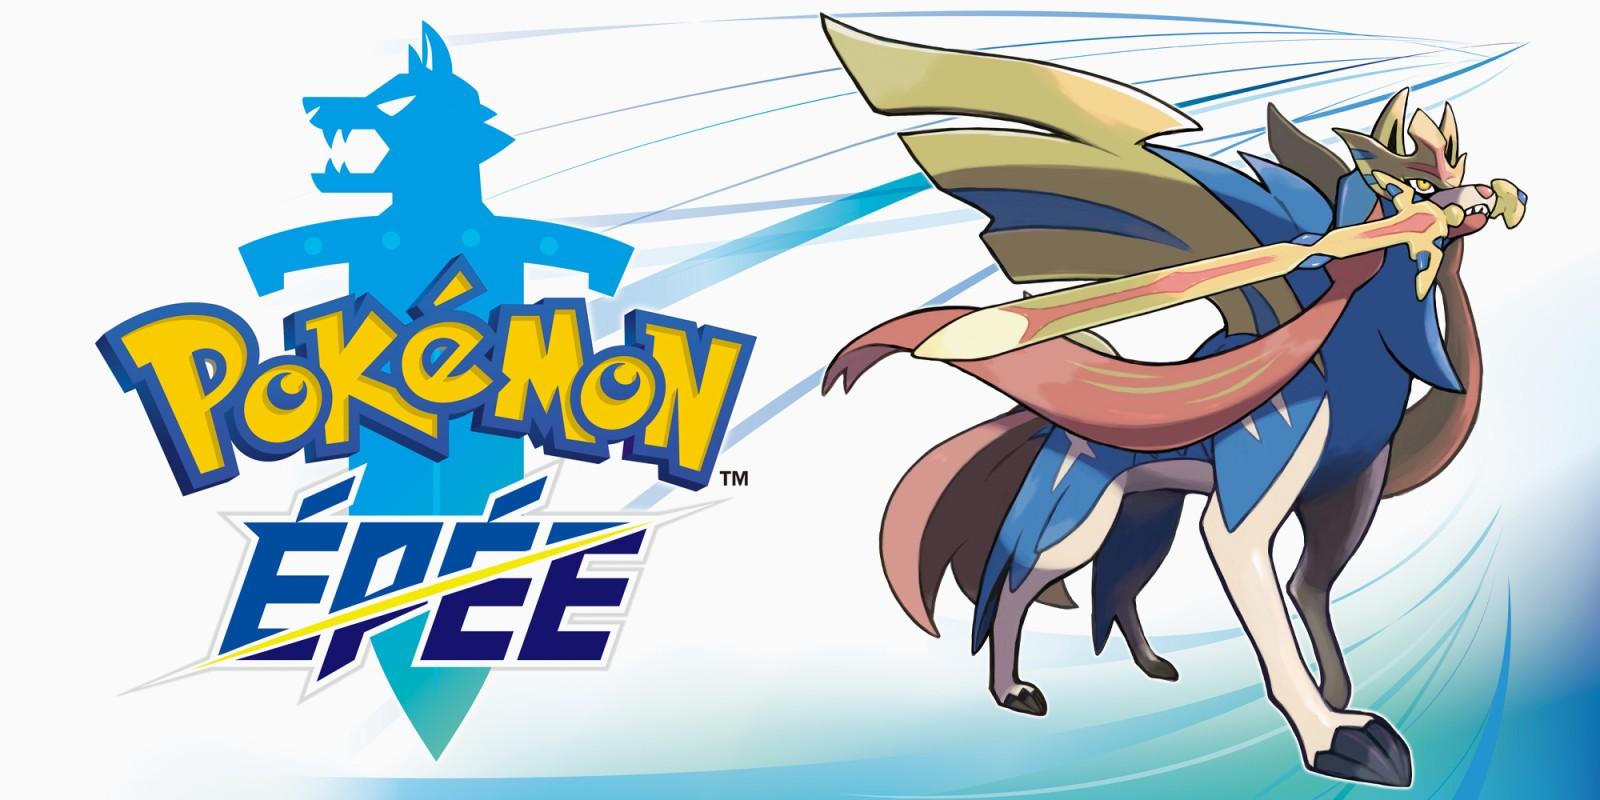 Pokémon épée Nintendo Switch Jeux Nintendo